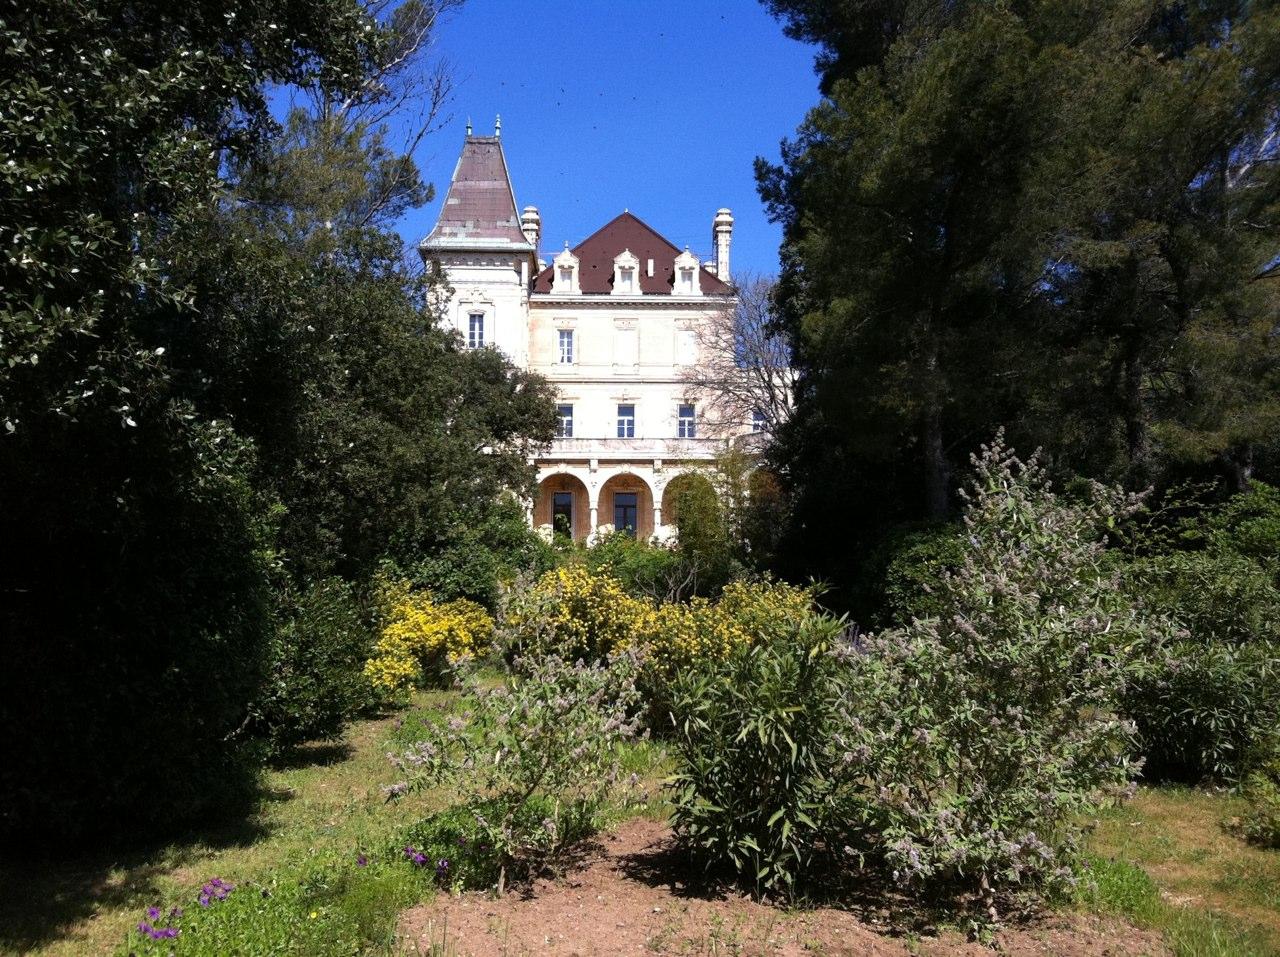 Château Charles-Roux, Sausset-les-Pins, Sud de la France